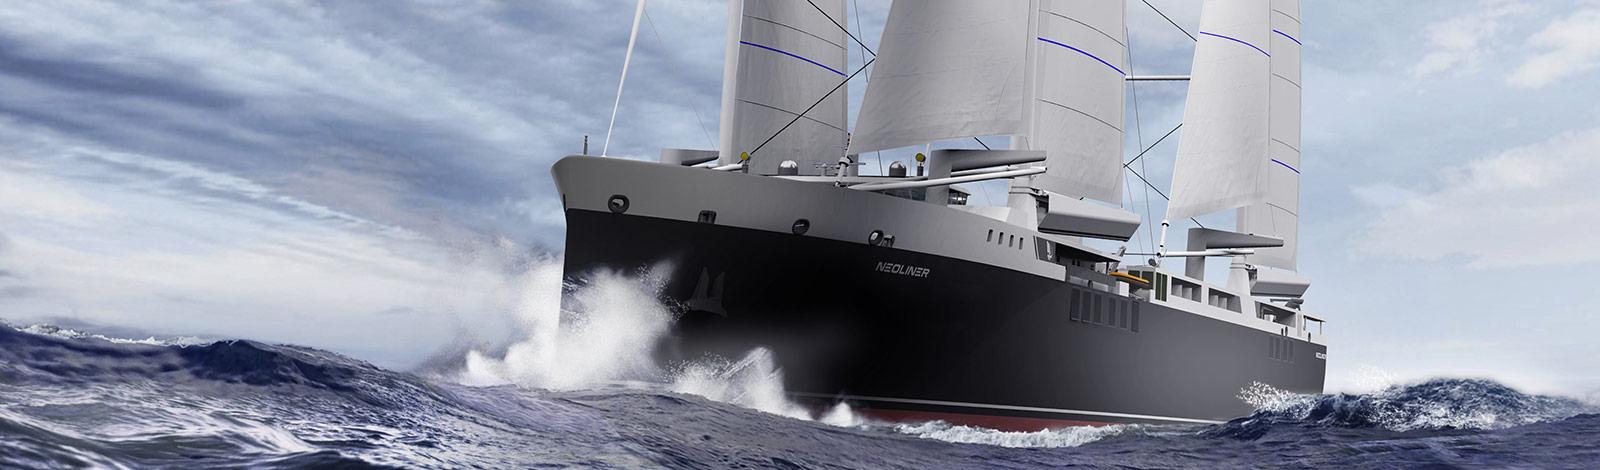 Renault pursues sailing ships